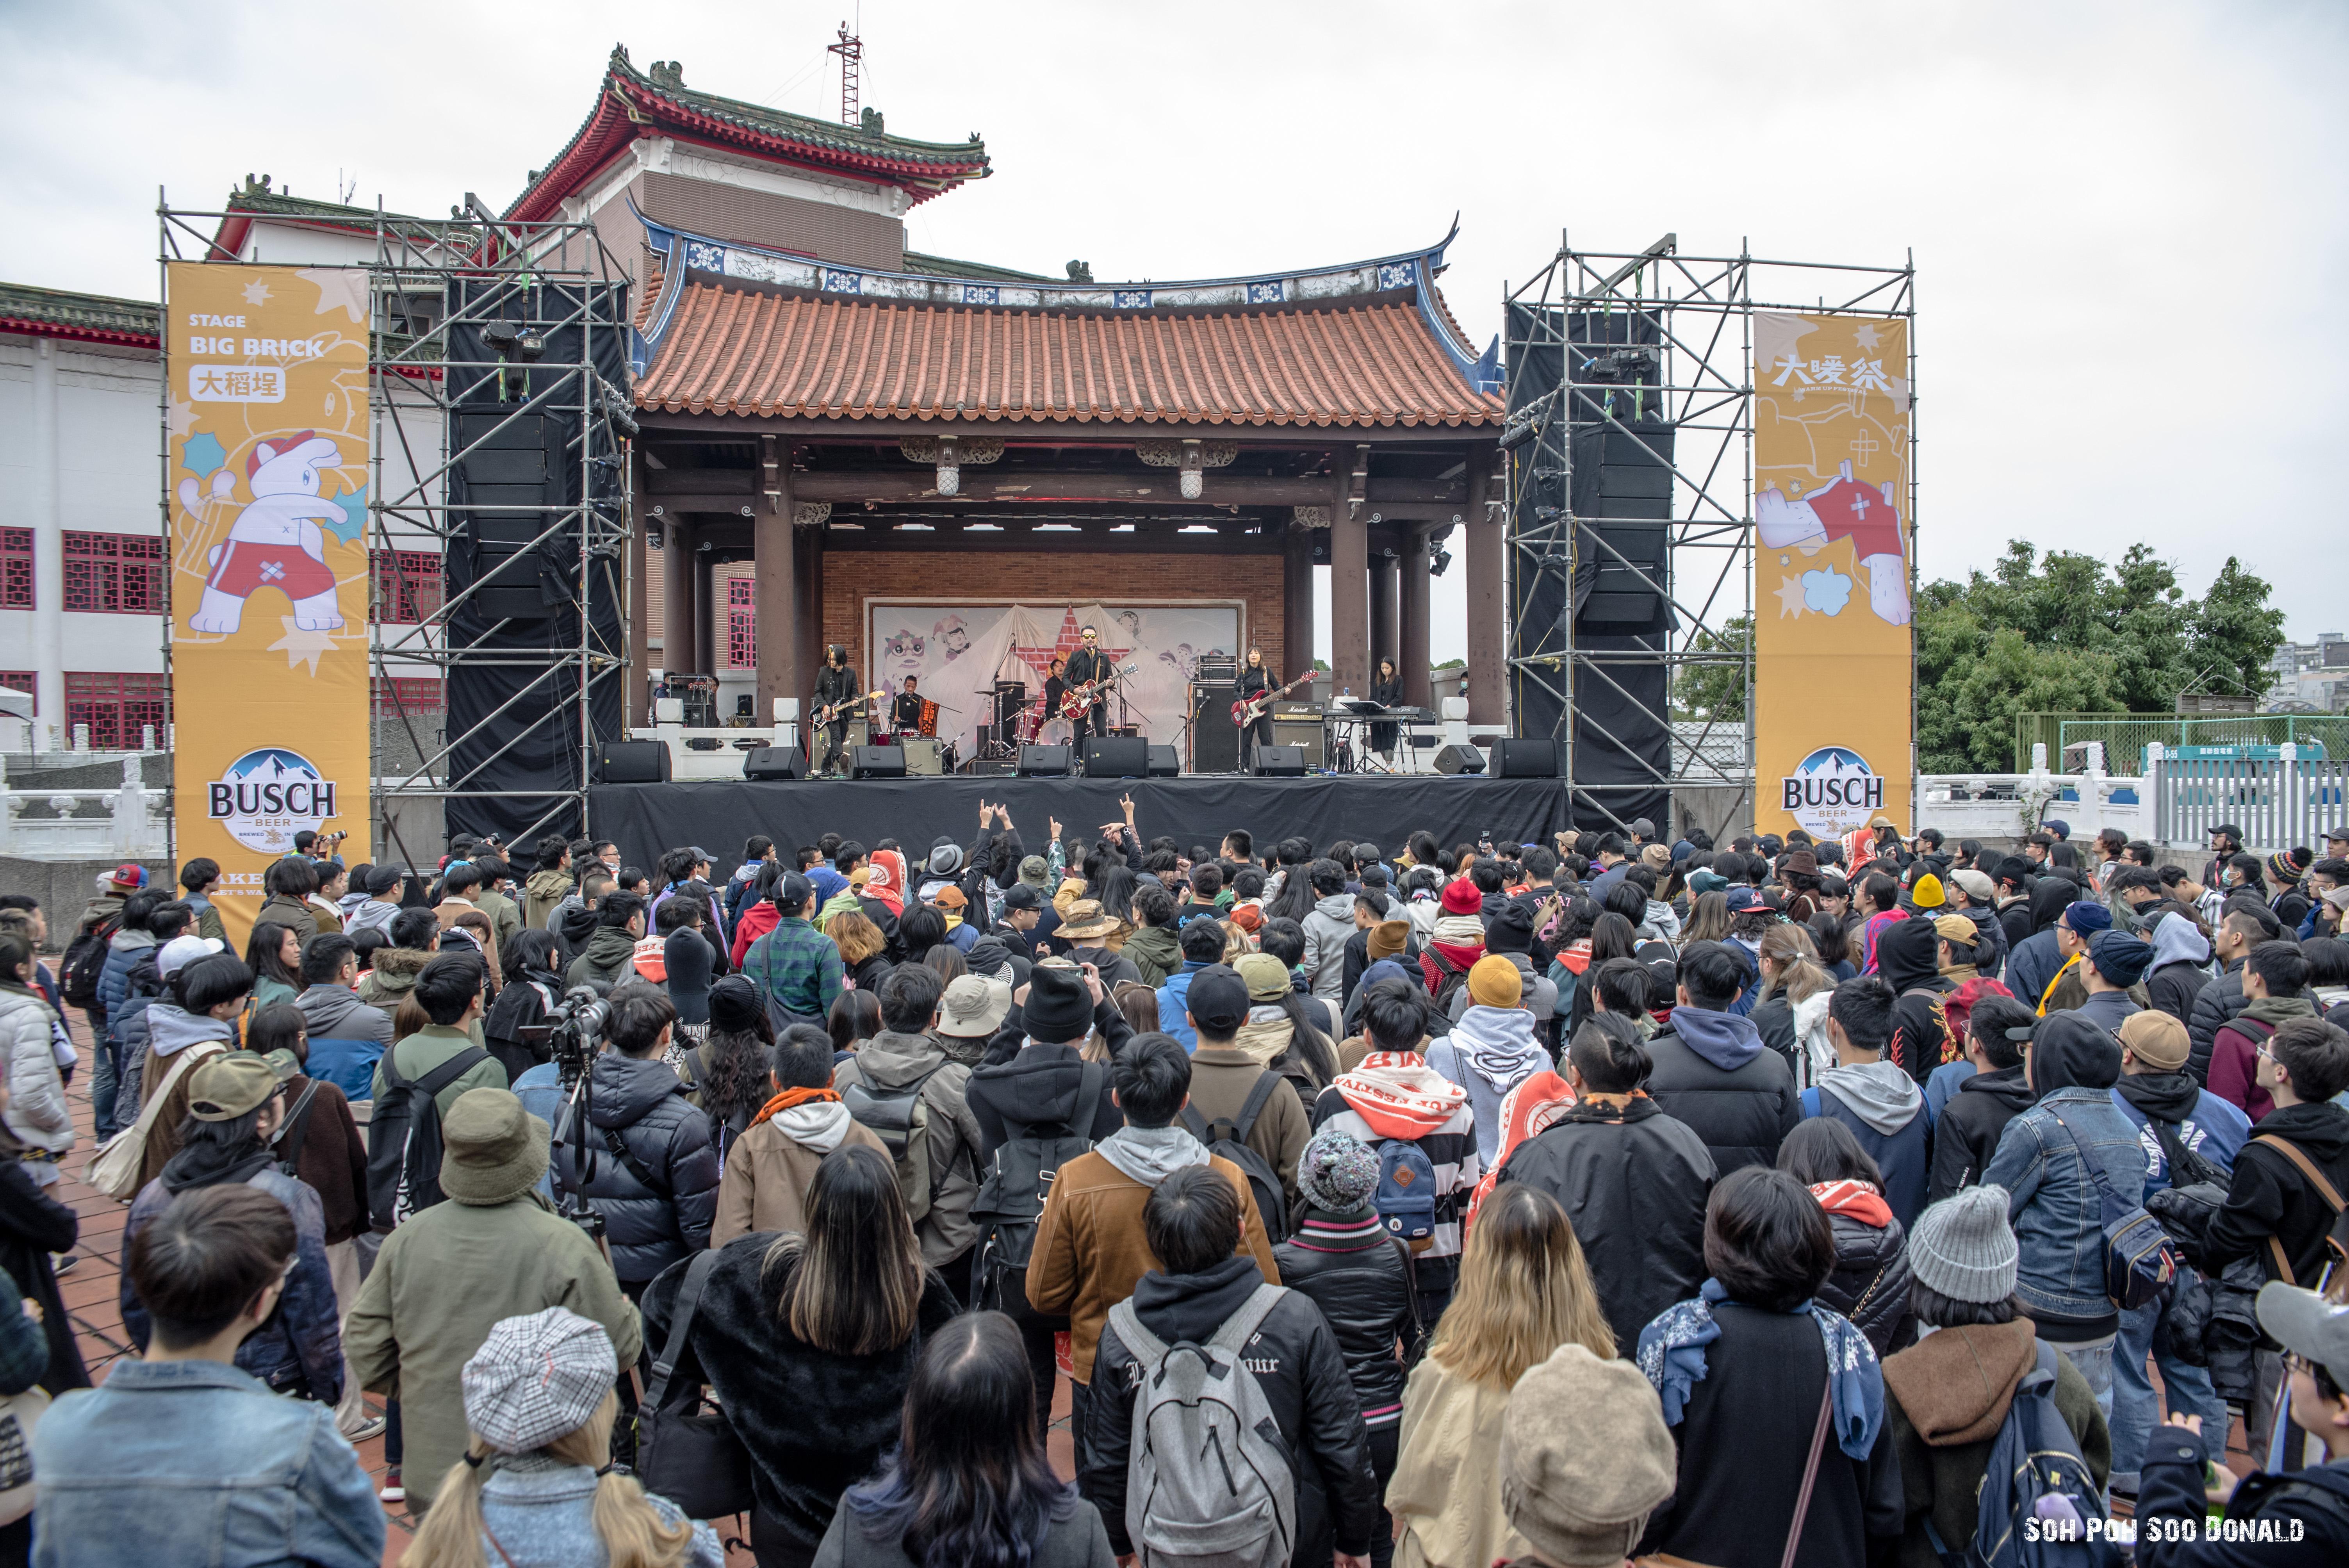 Warm Up Festival 2019 覺醒大暖祭 Day 2